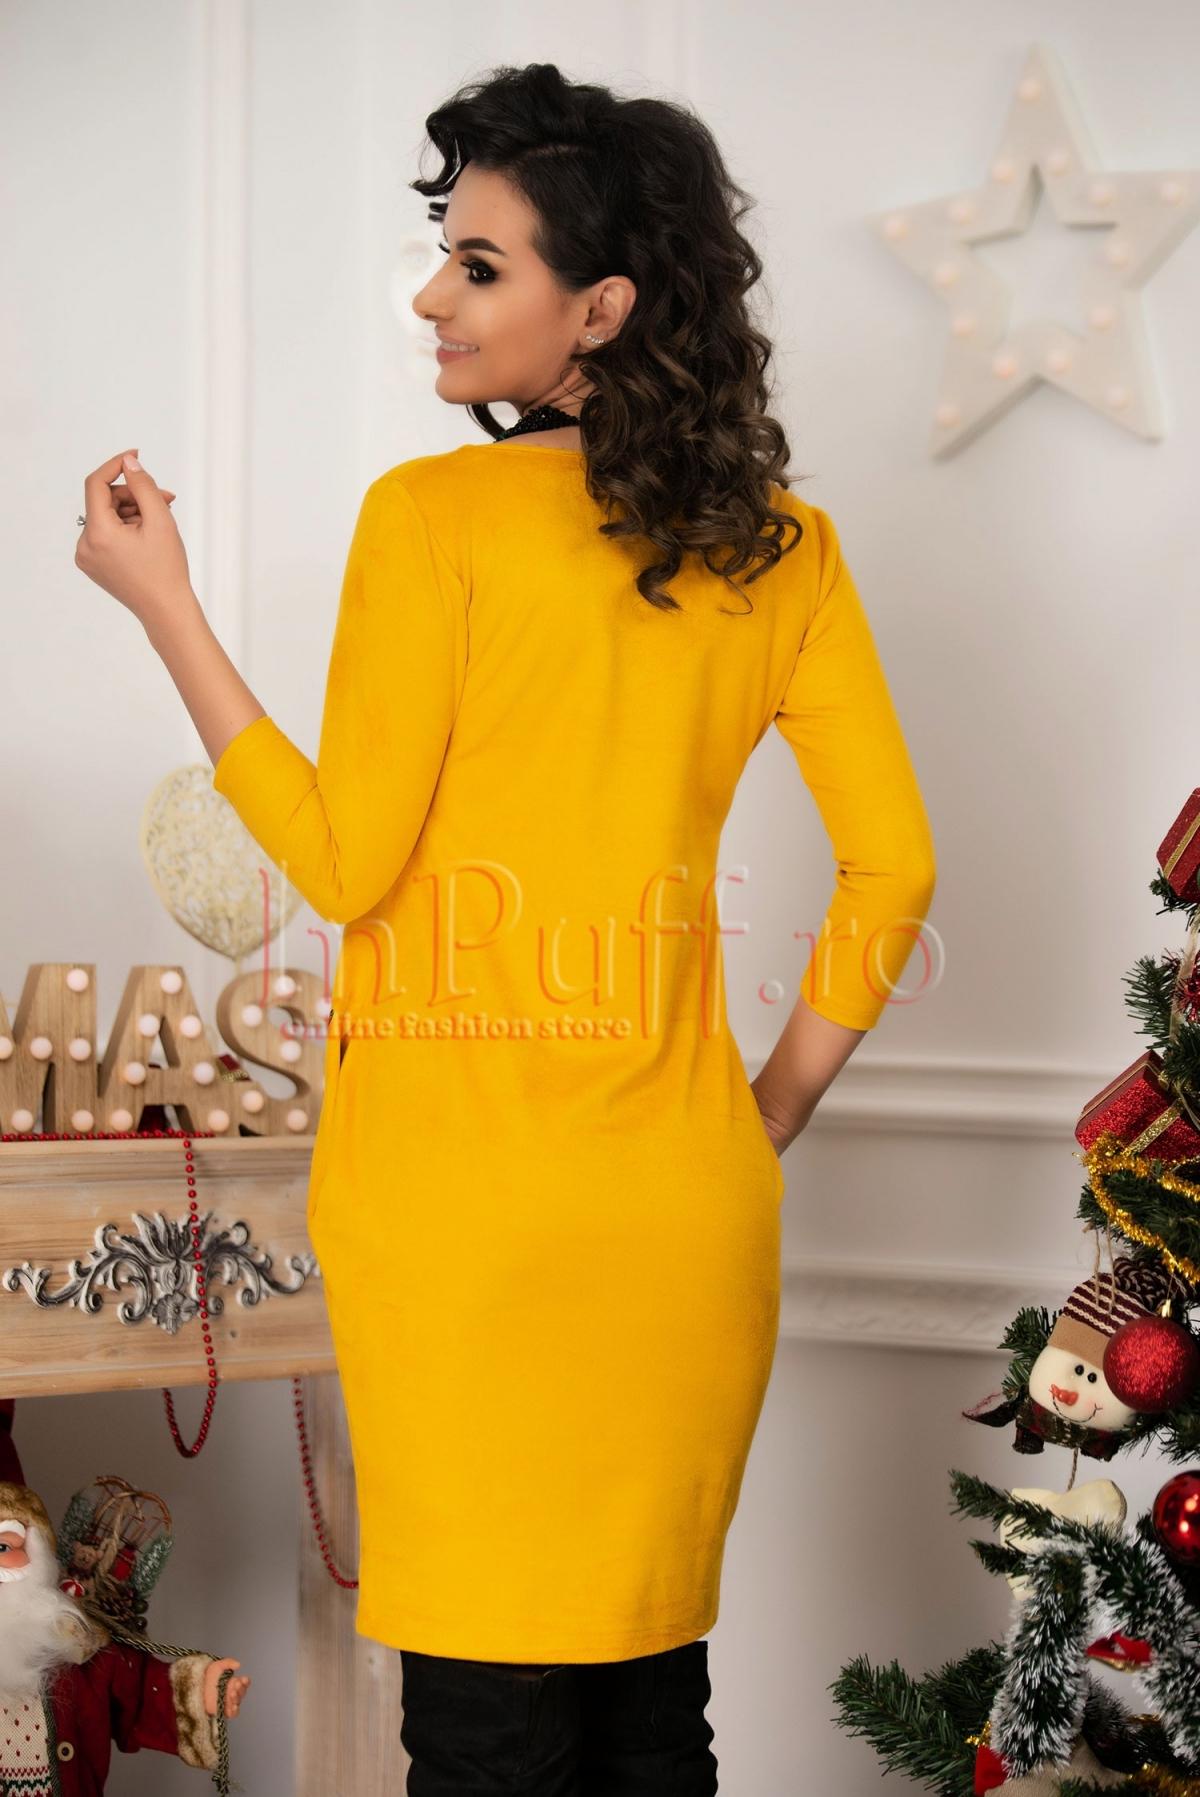 Rochie eleganta galben-mustar din piele intoarsa